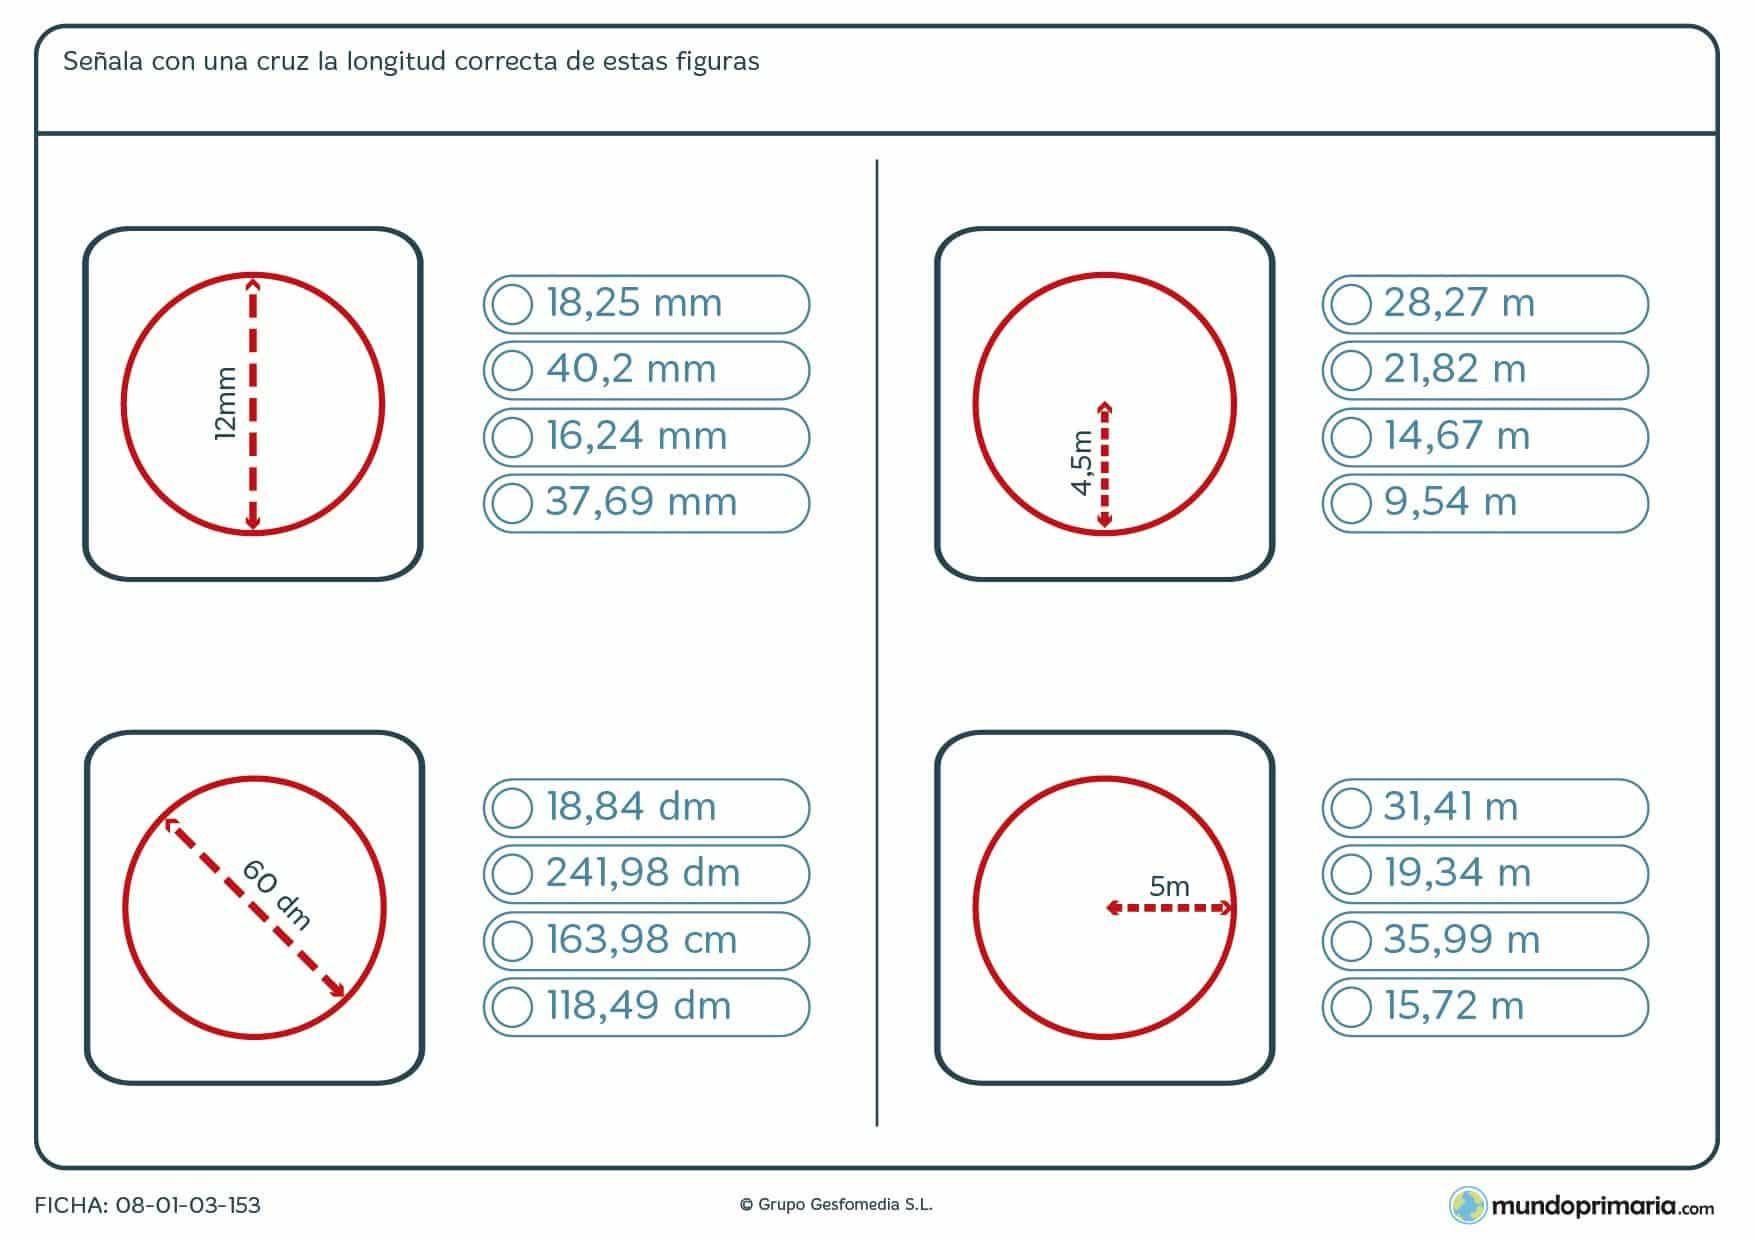 Ficha de longitud de círculos utilizando el radio o el diámetro como información.